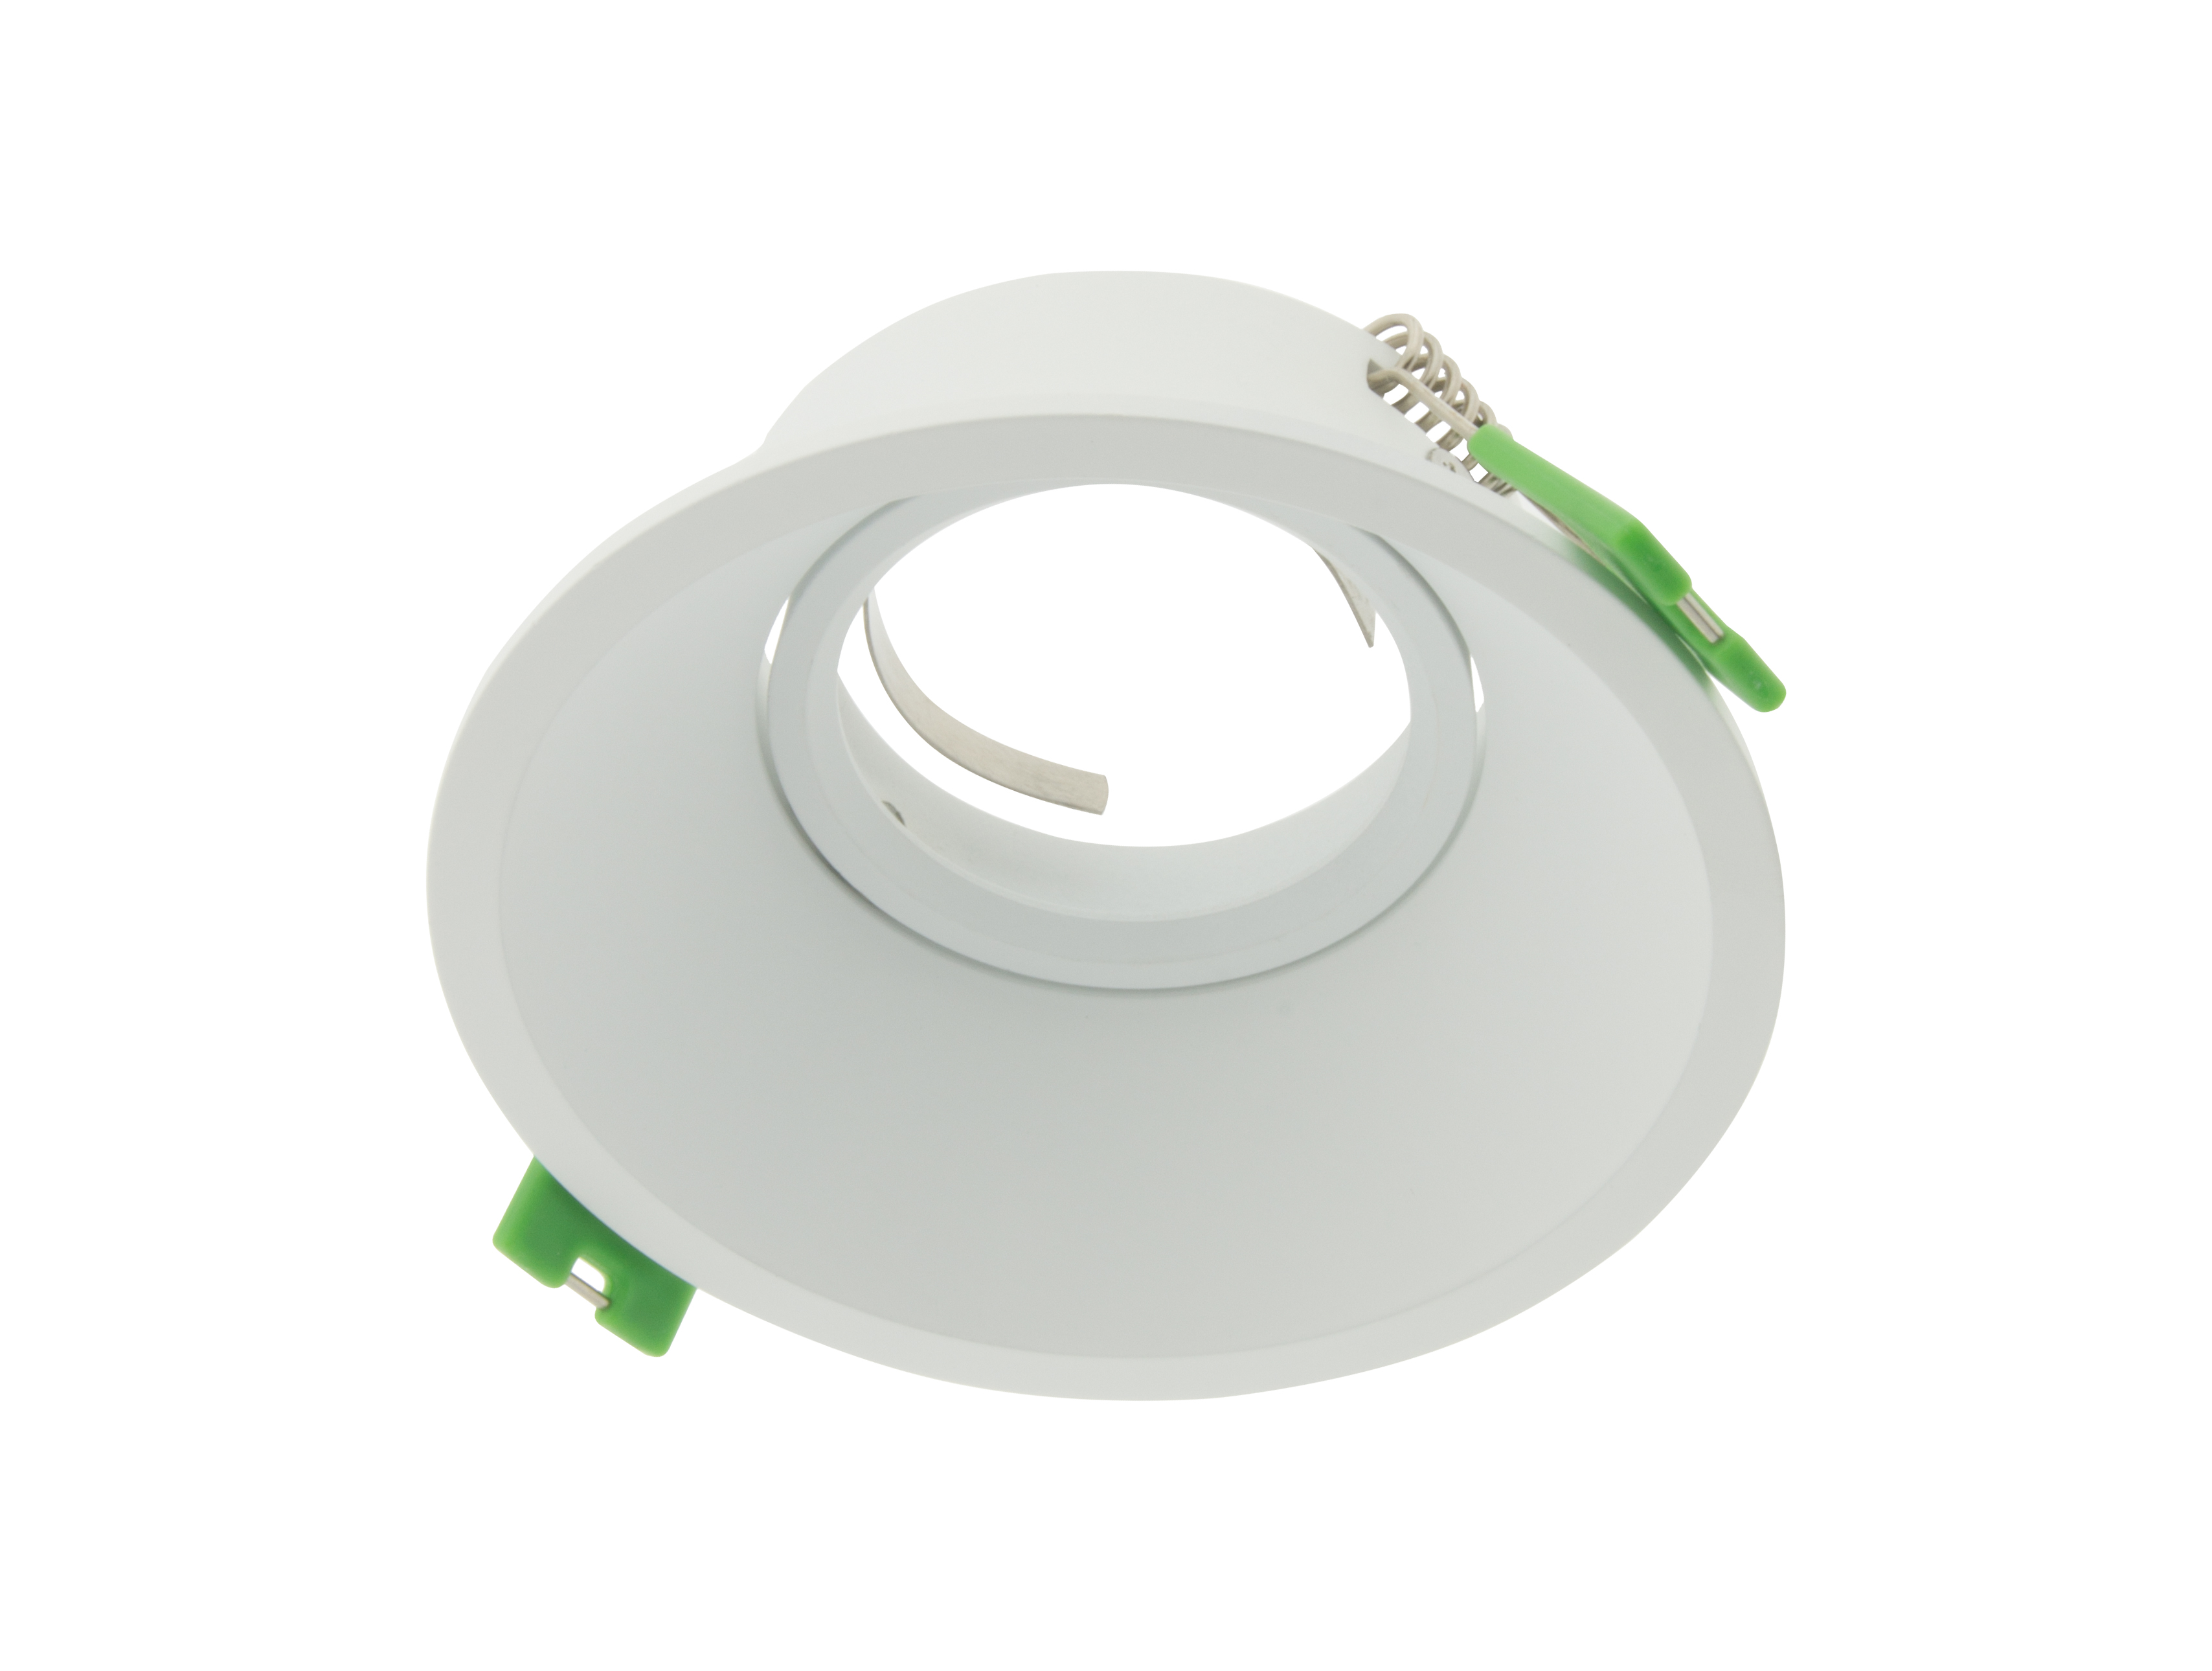 1 Stk Downlight 95 Gehäuse für MR16 bzw. GU53 oder GU10 Lampen LILD095000